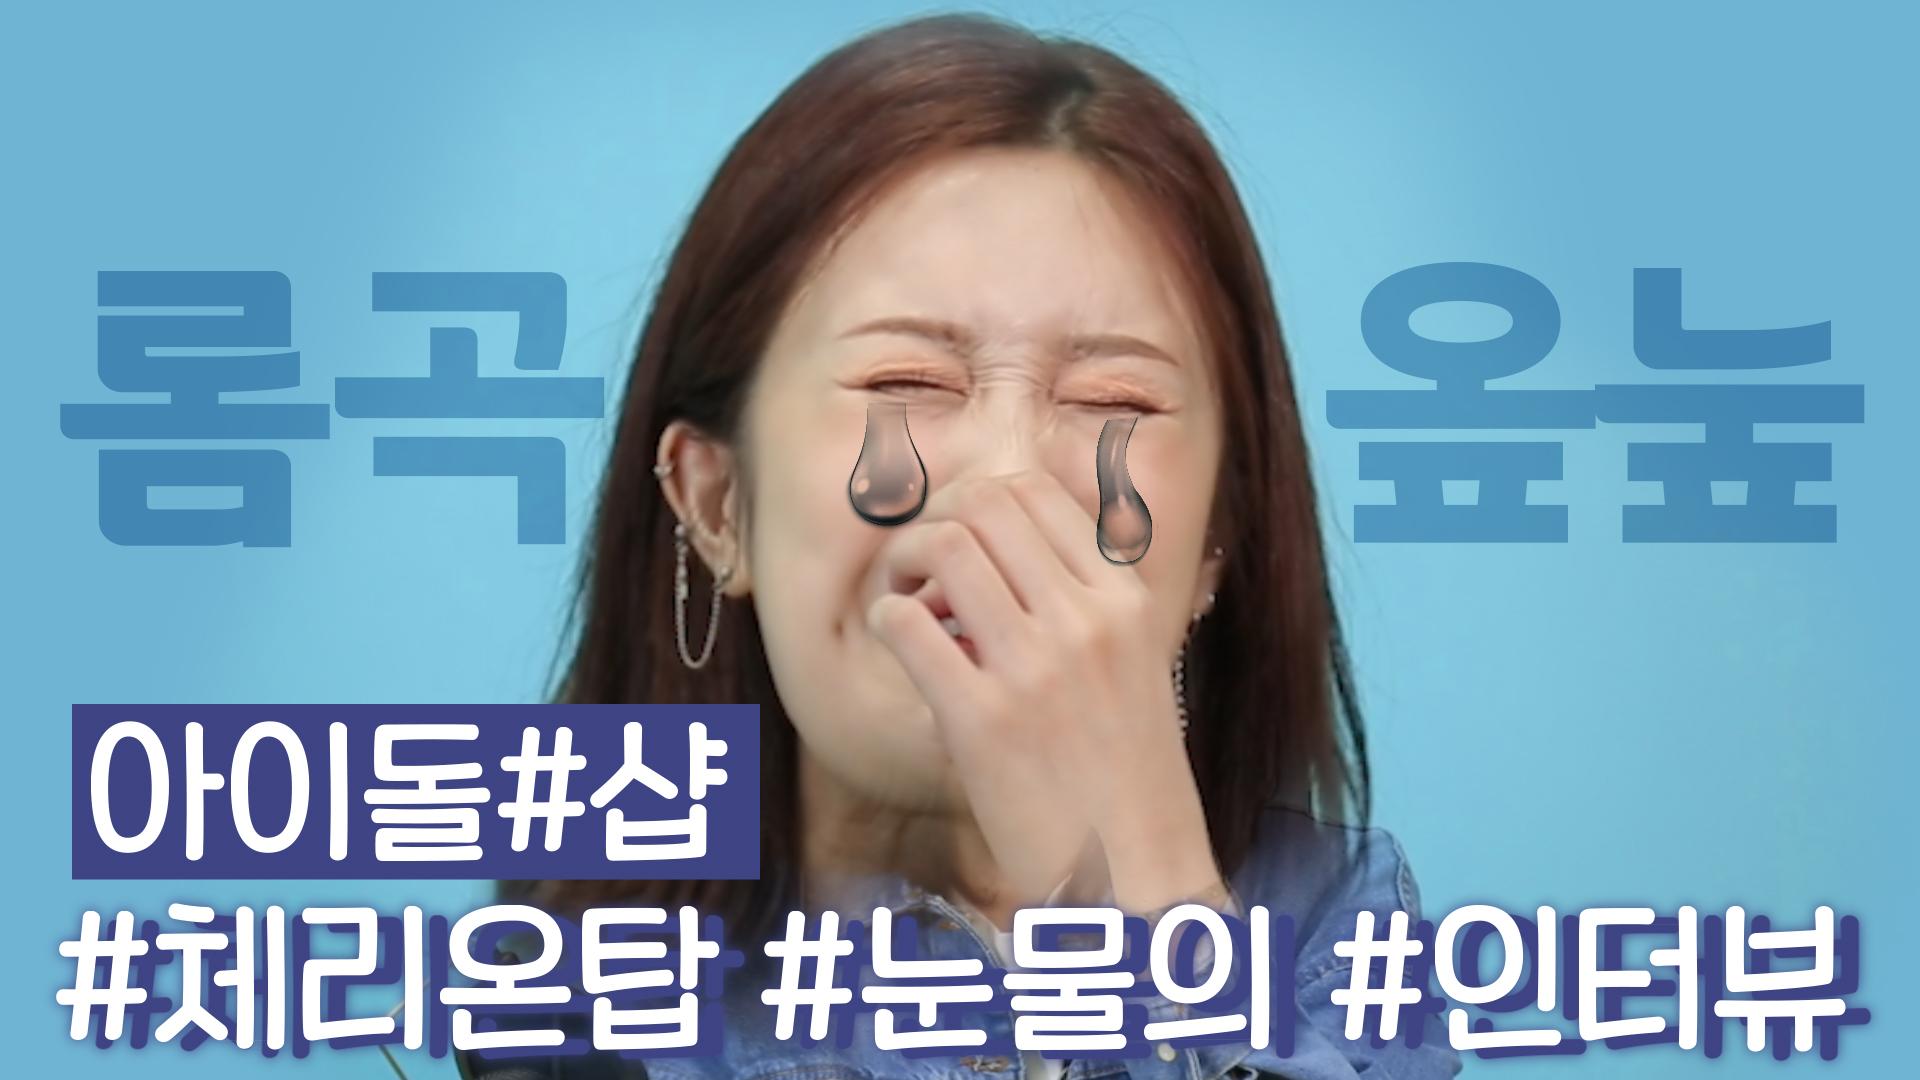 #체리온탑 #눈물의 #인터뷰 [아이돌#샵] 2회